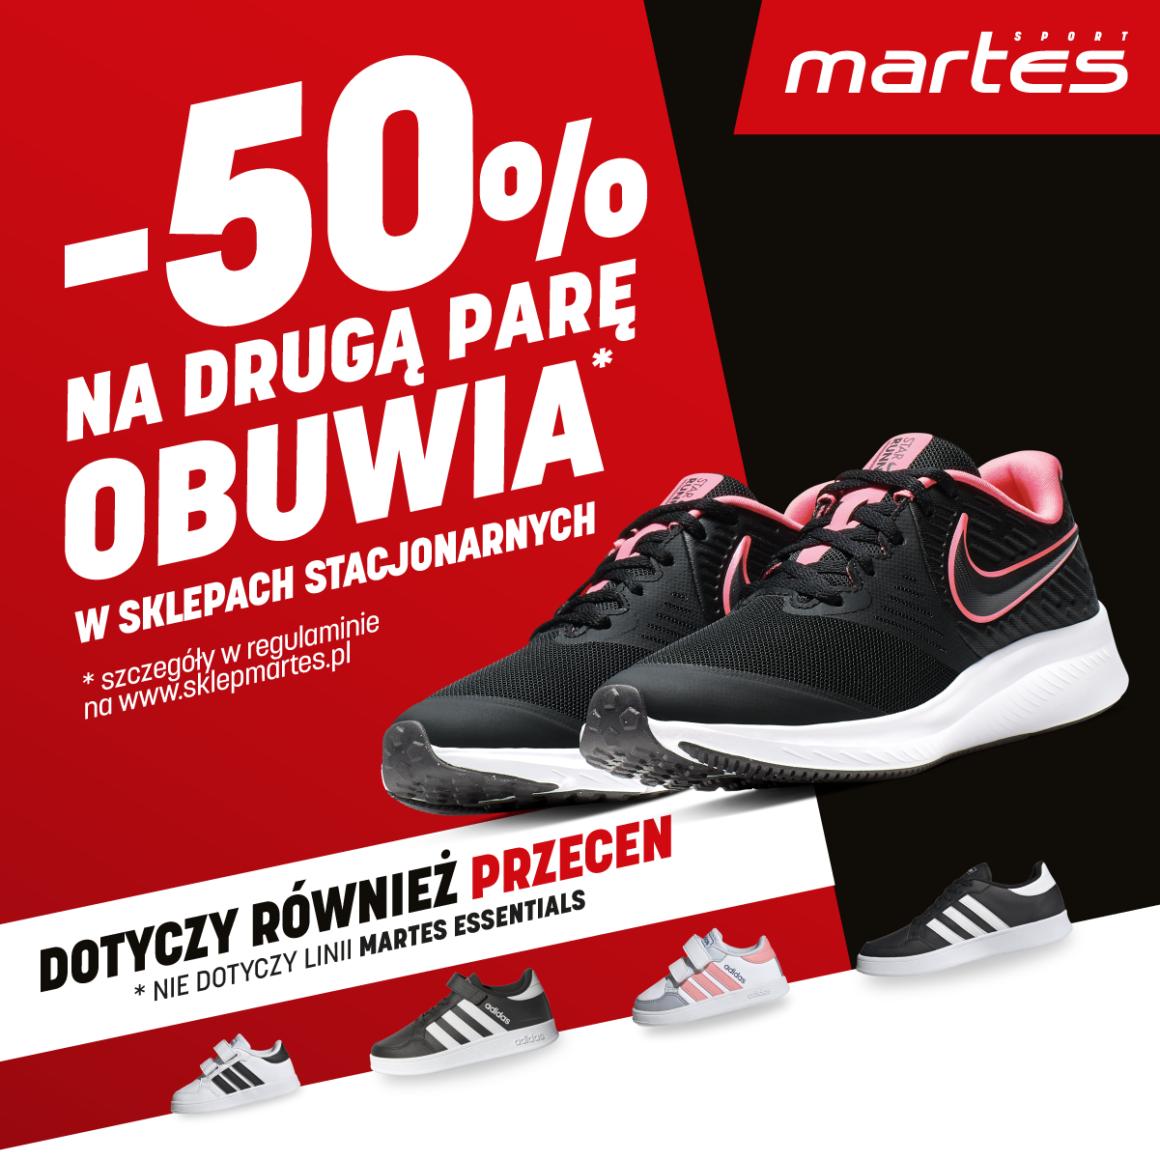 Martes Sport: -50% na drugą parę obuwia!